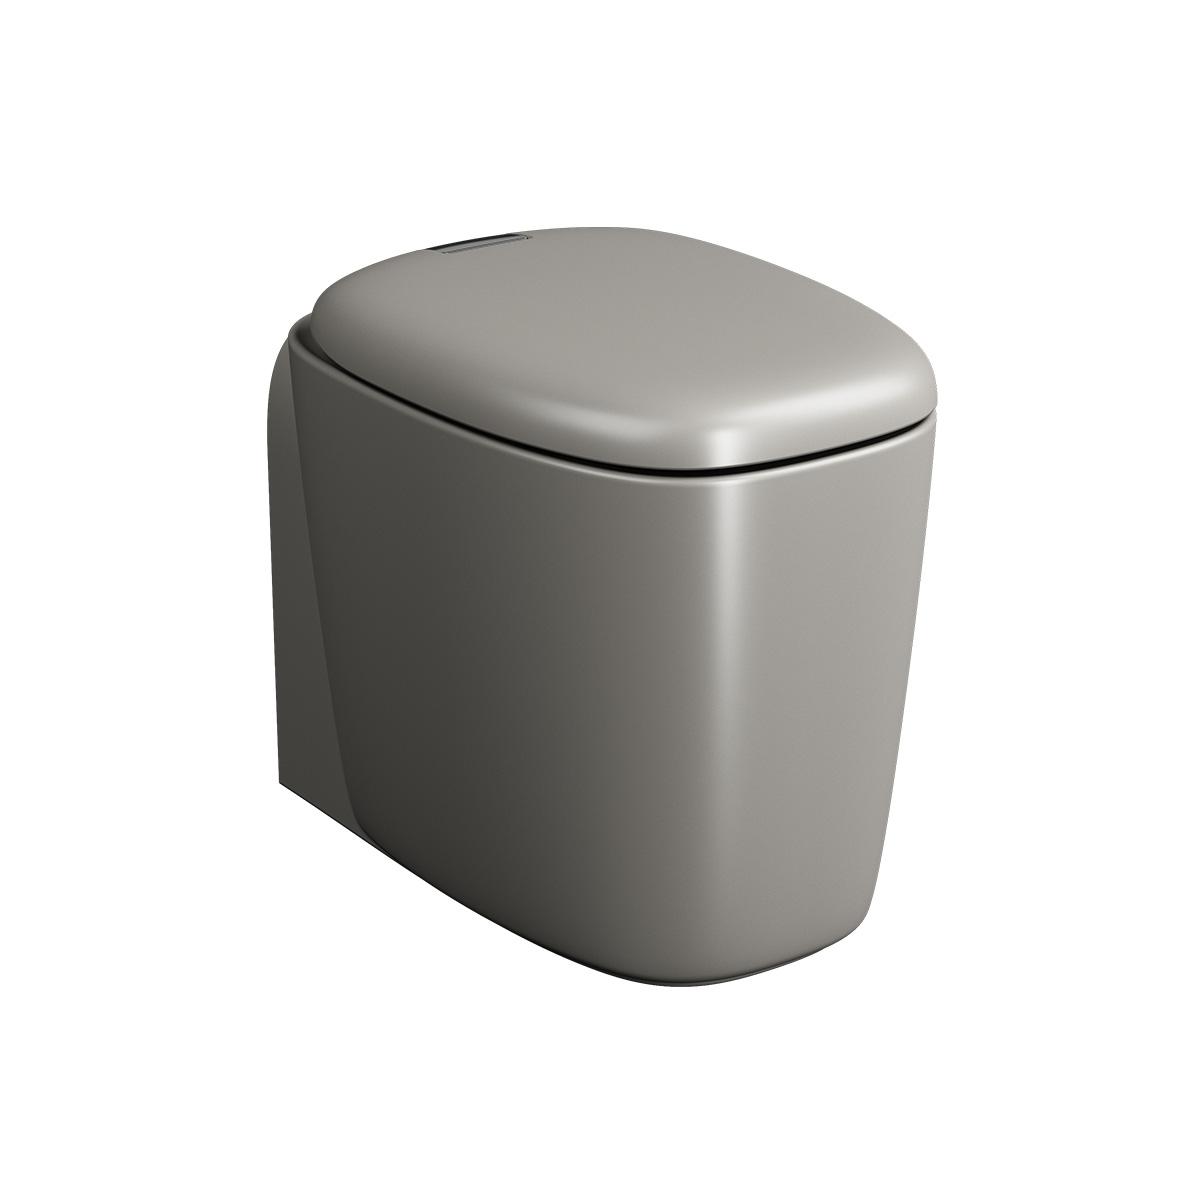 Plural WC BTW sans bride, fonction bidet, 55 cm, VC, taupe mat